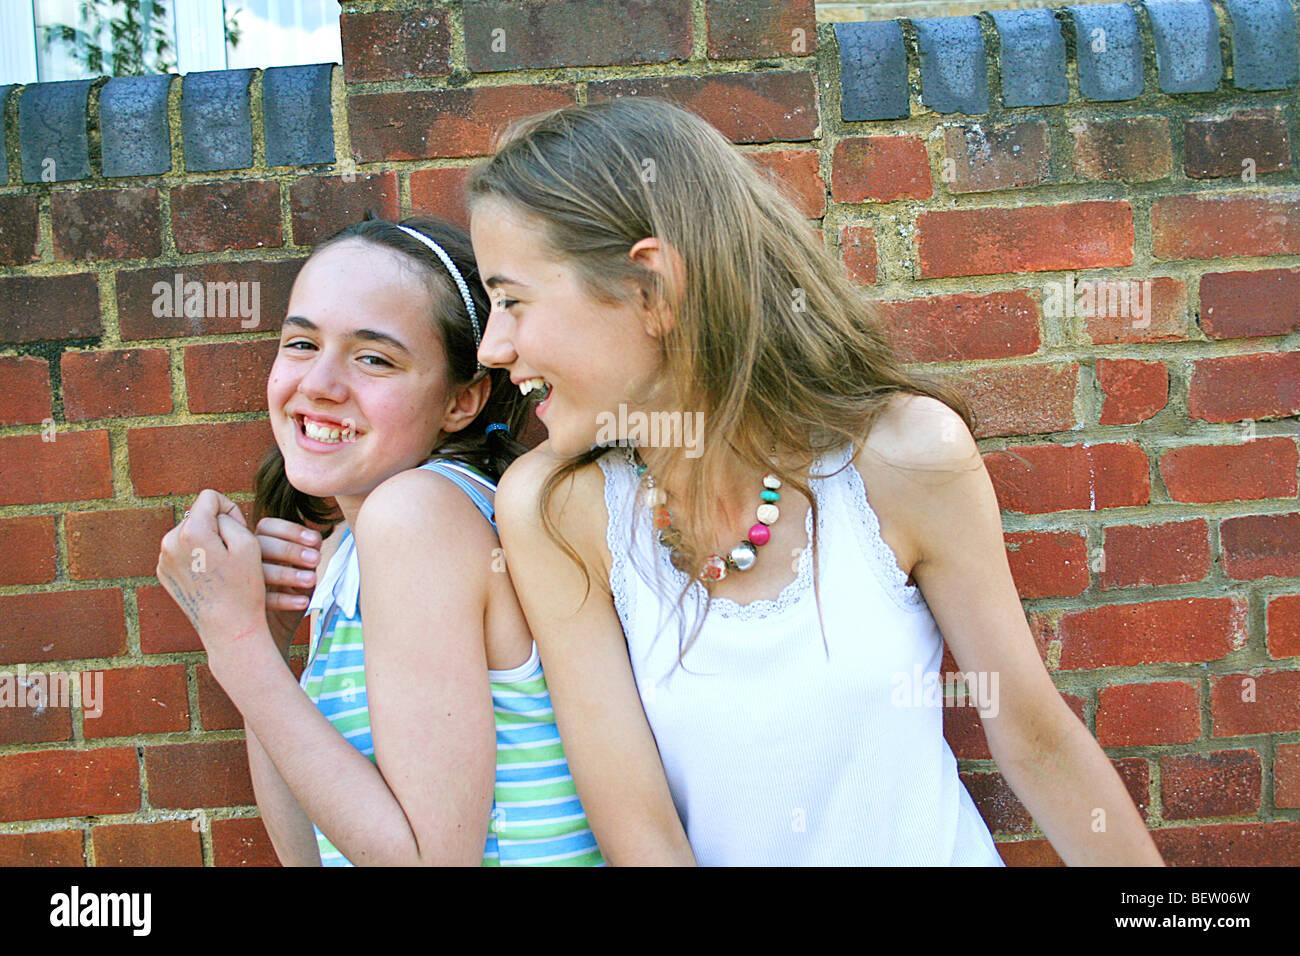 Deux filles larking autour et en s'amusant Photo Stock